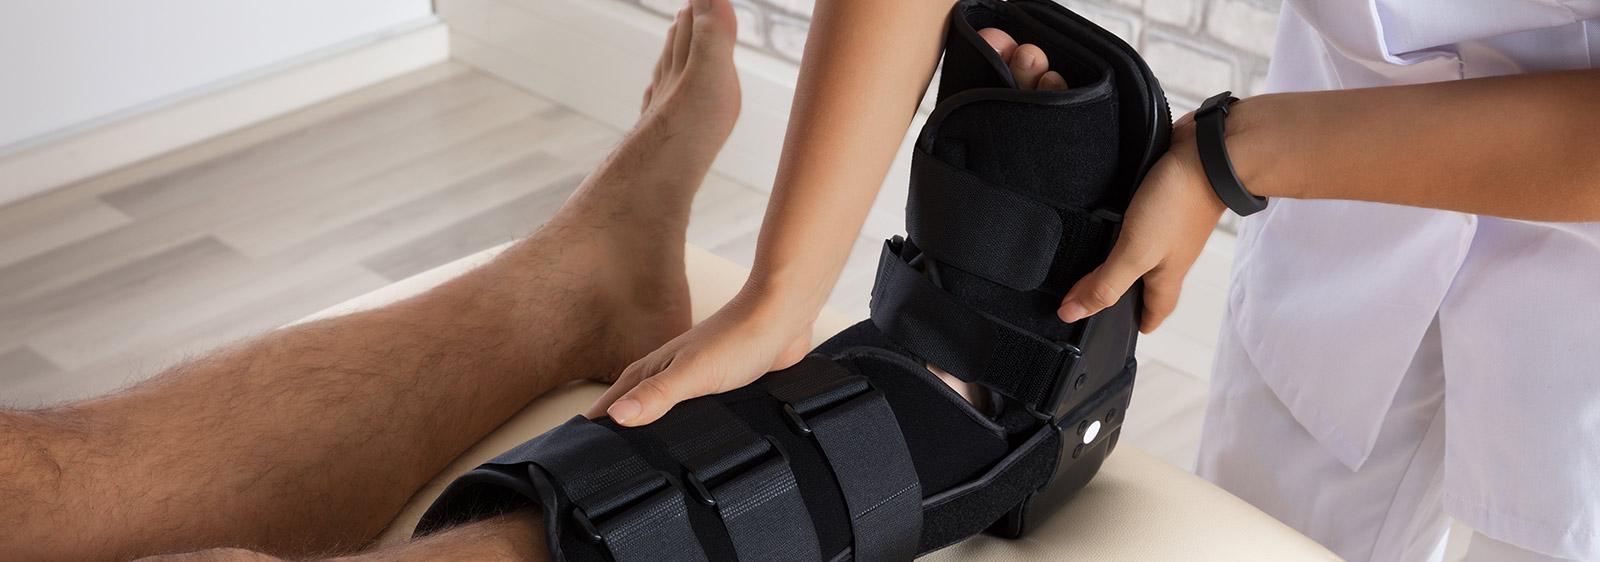 Aparatos ortopédicos en Tijuana